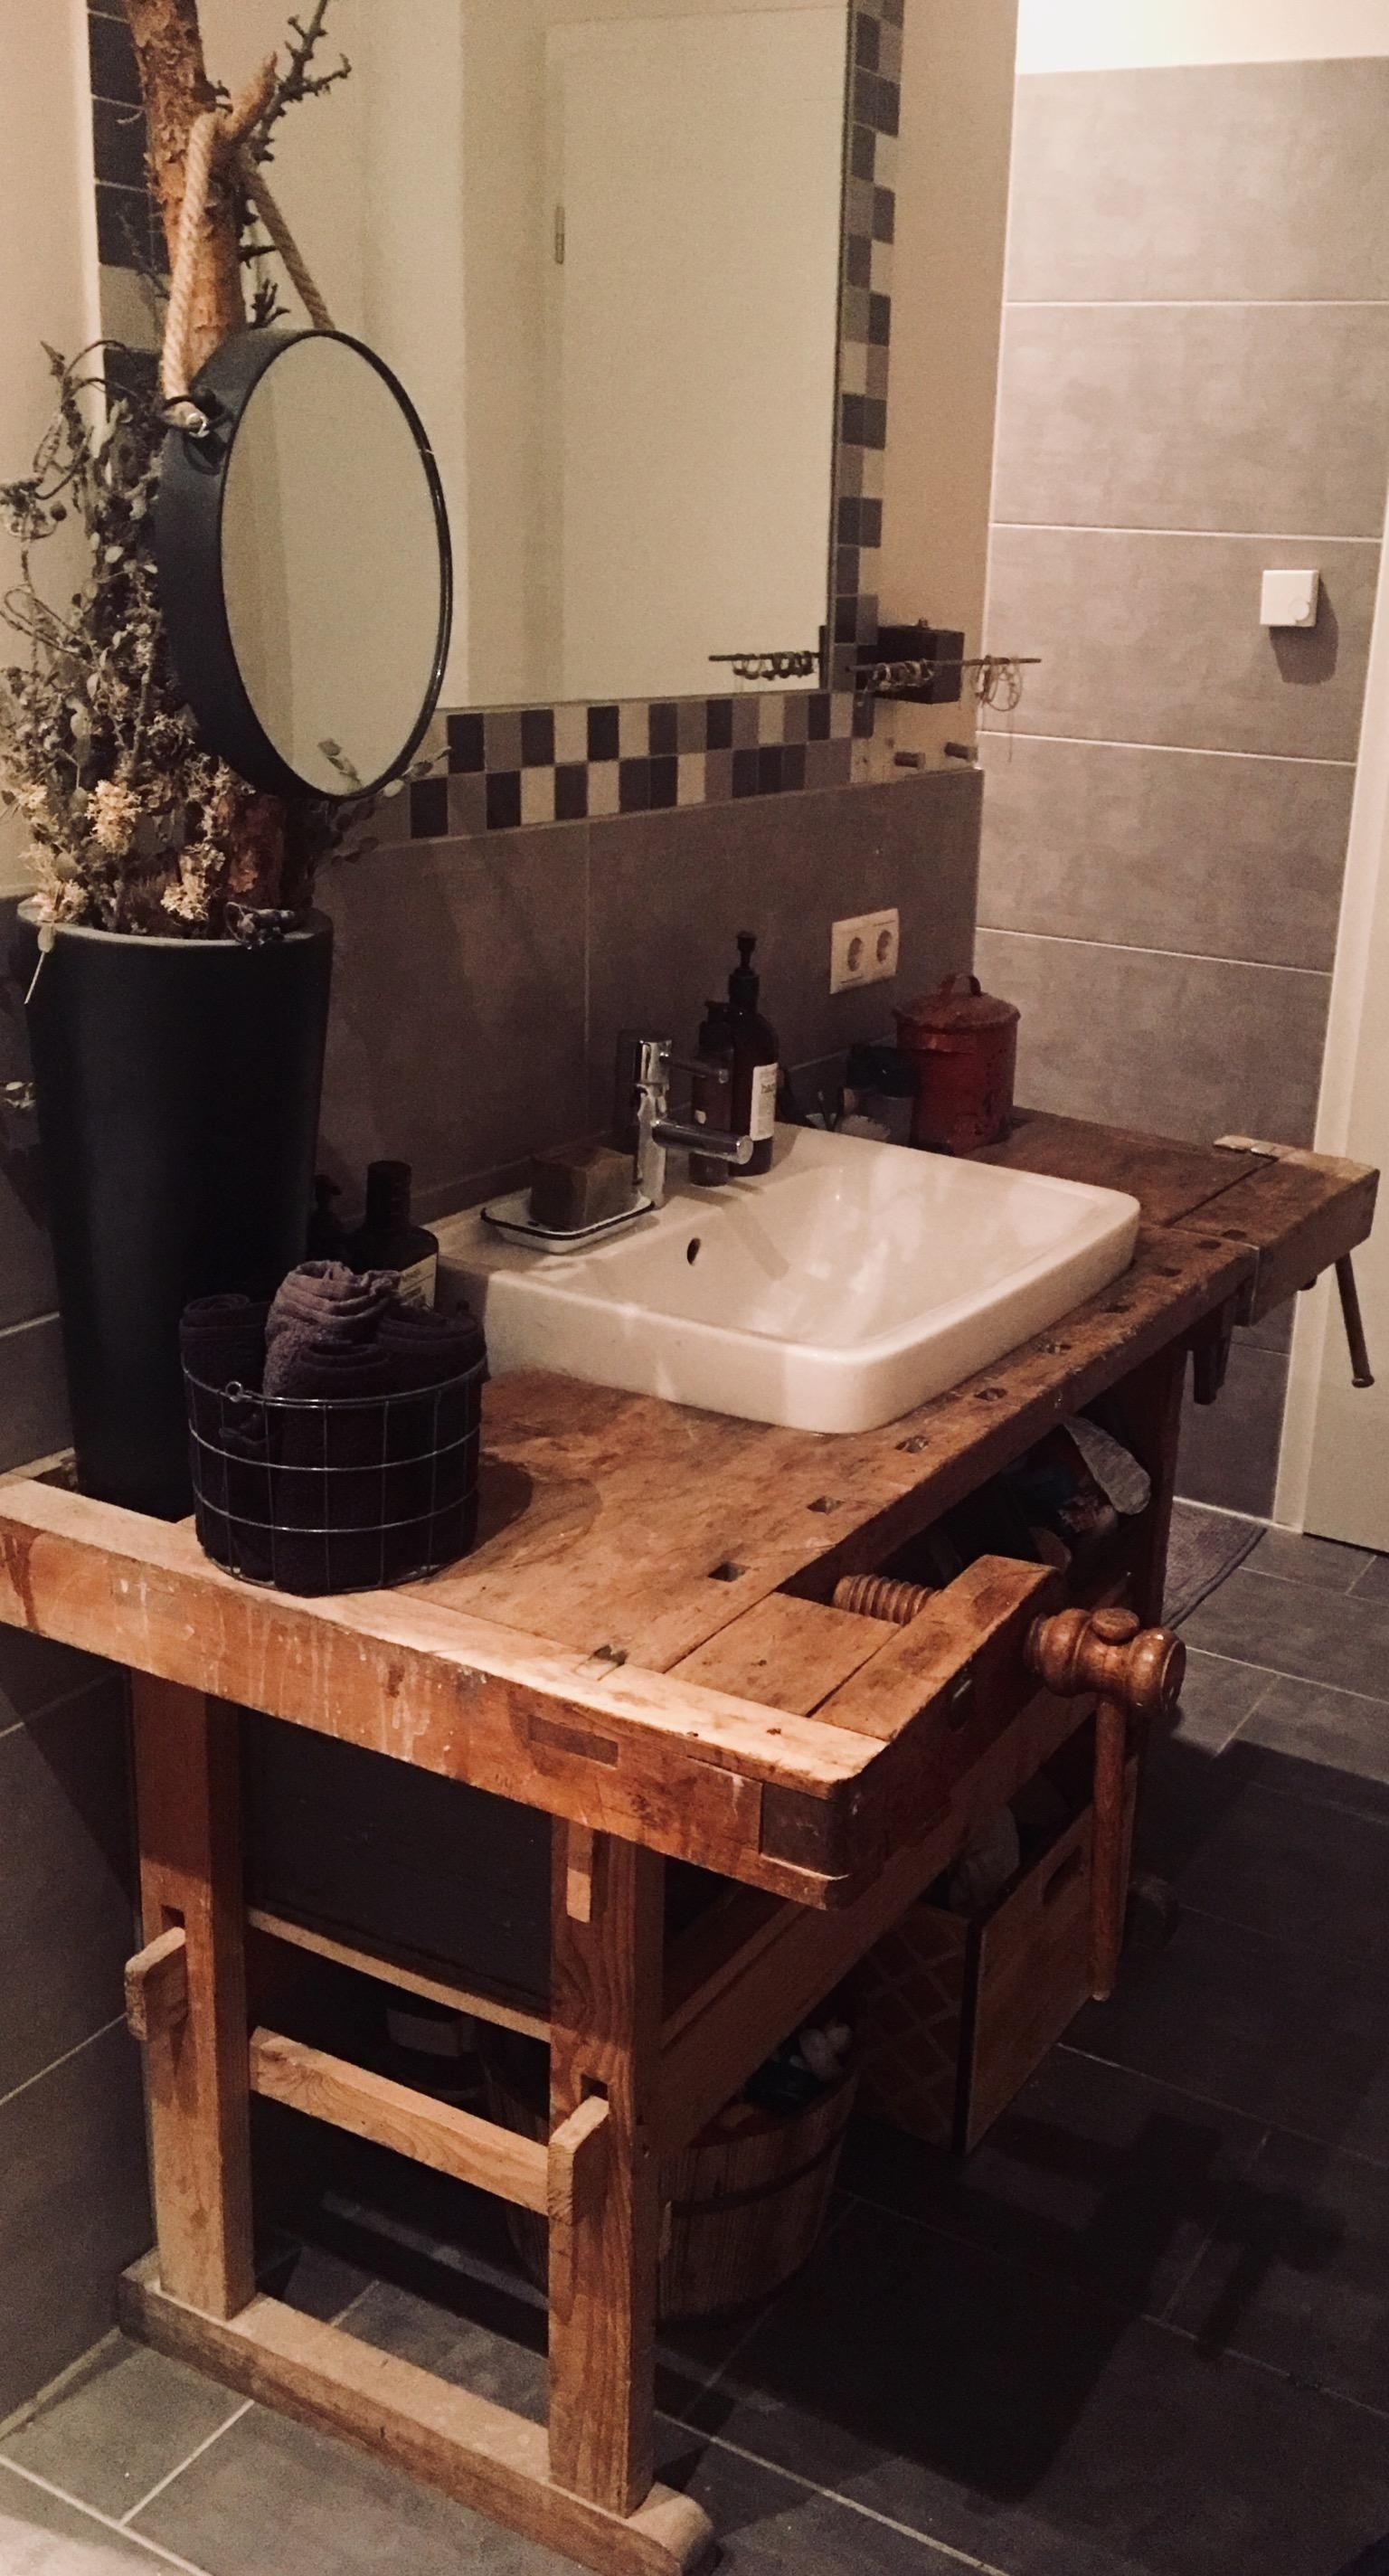 Diy Hobelbank Waschtisch Lieblingsstuck Im Bad Bathroom Makeover House Bathroom Wood Design